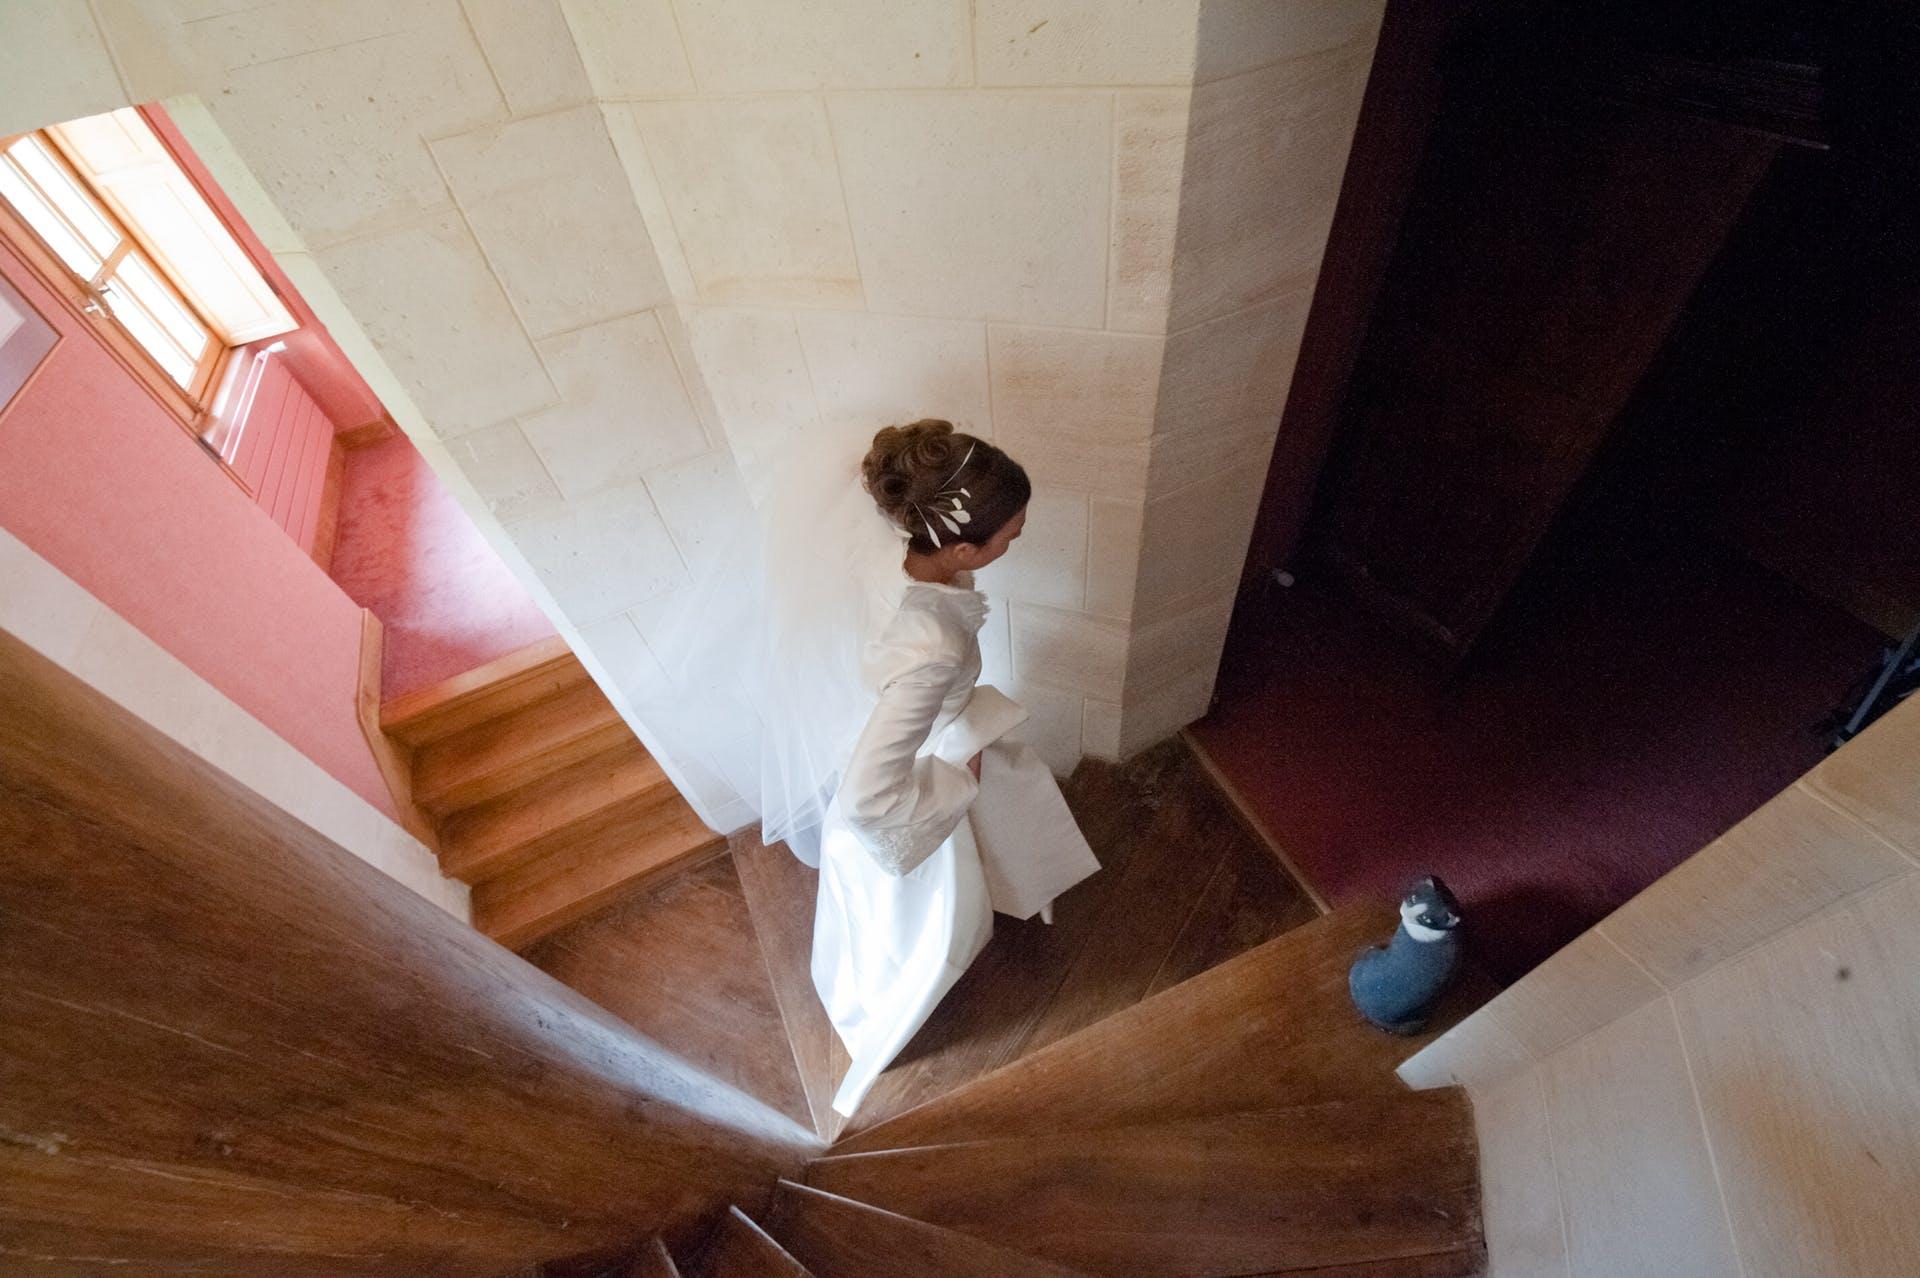 wedding dress bride wedding